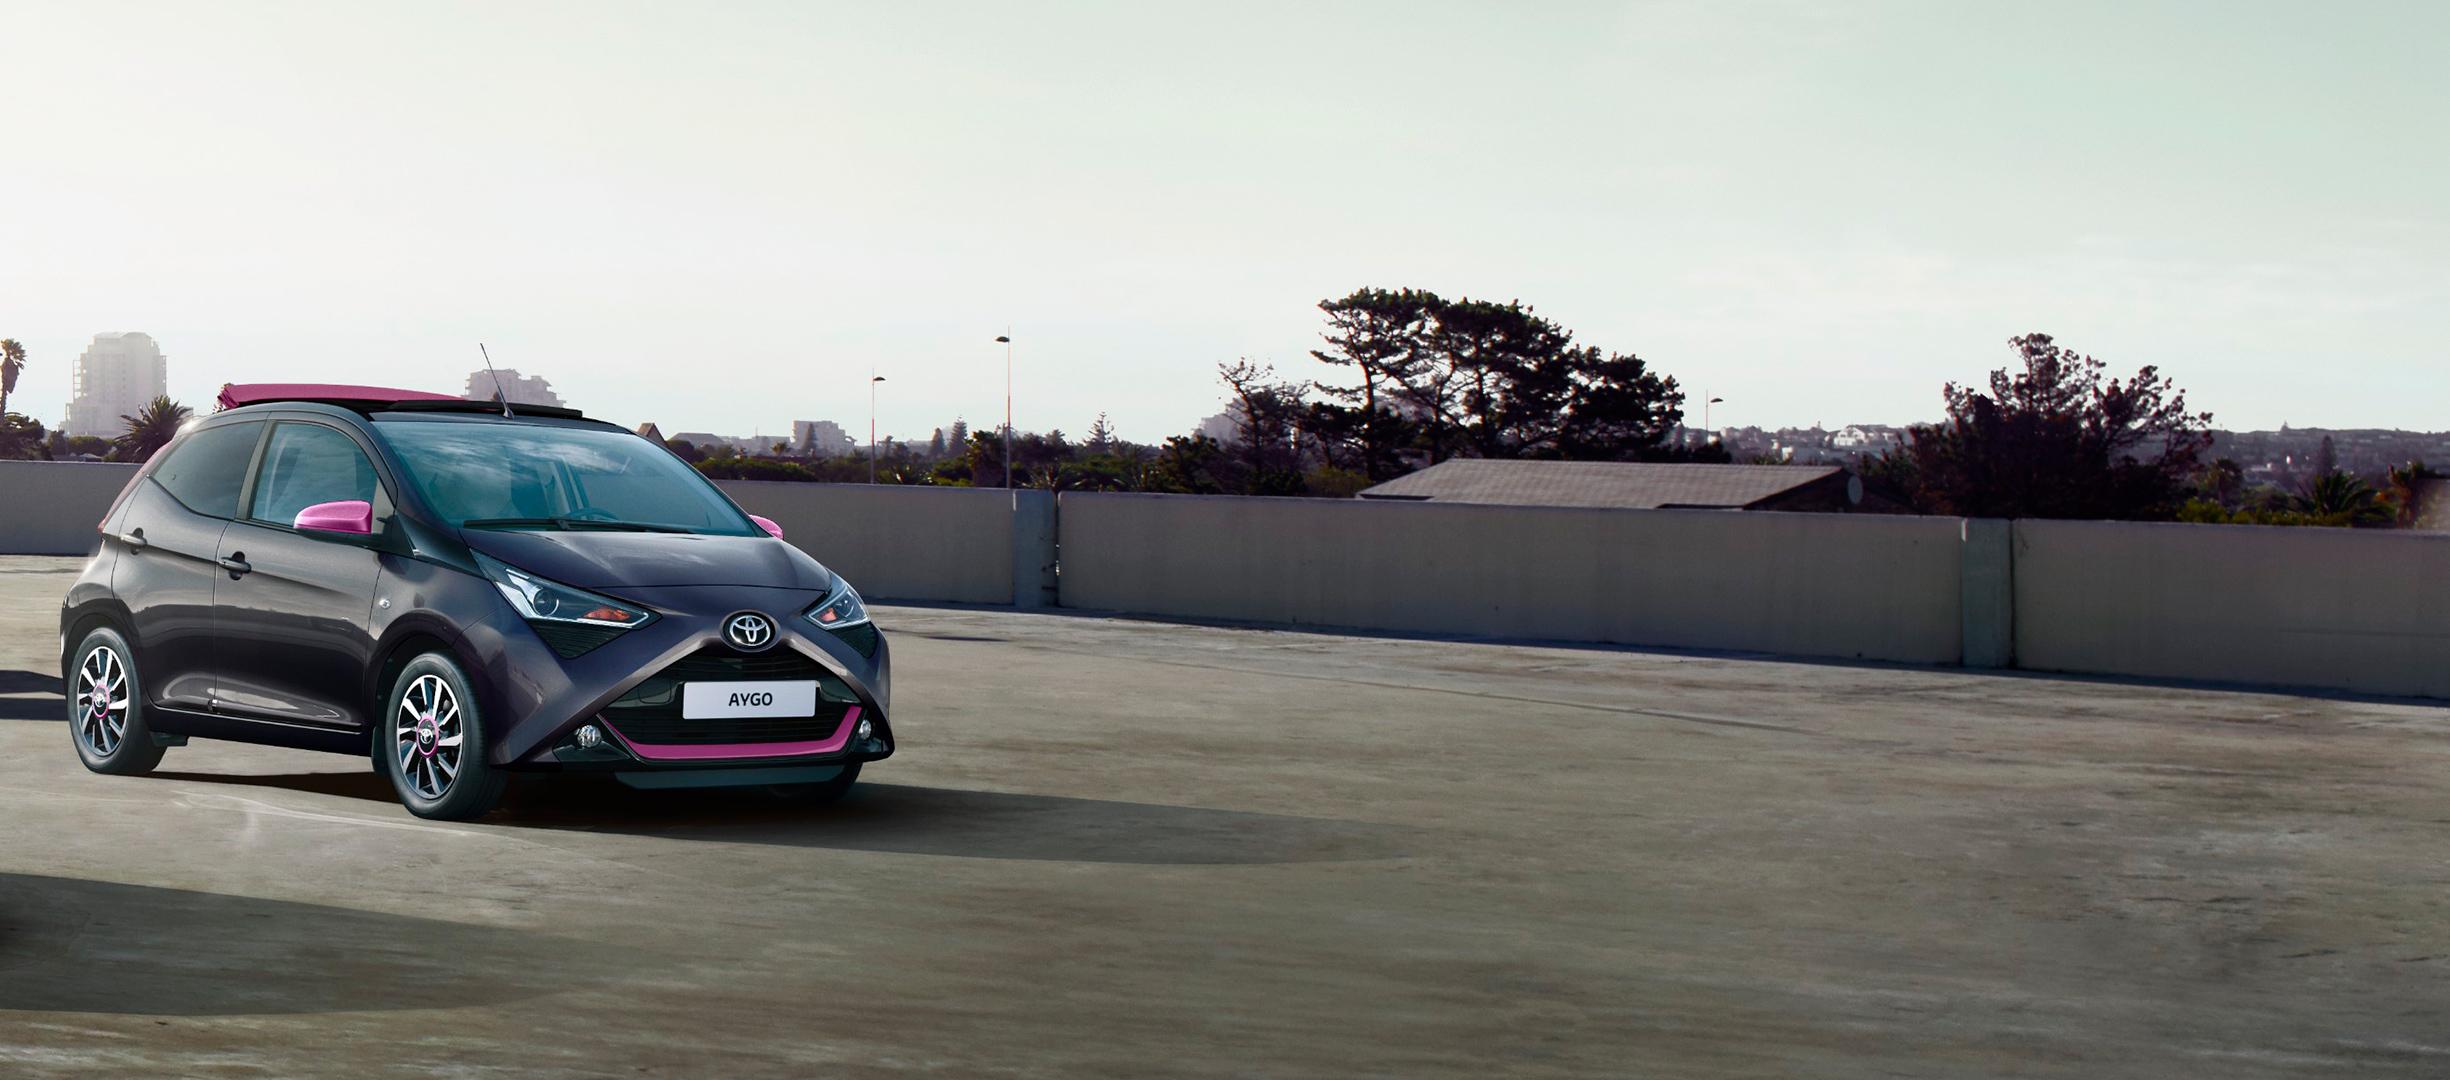 Toyota España apuesta por la movilidad urbana